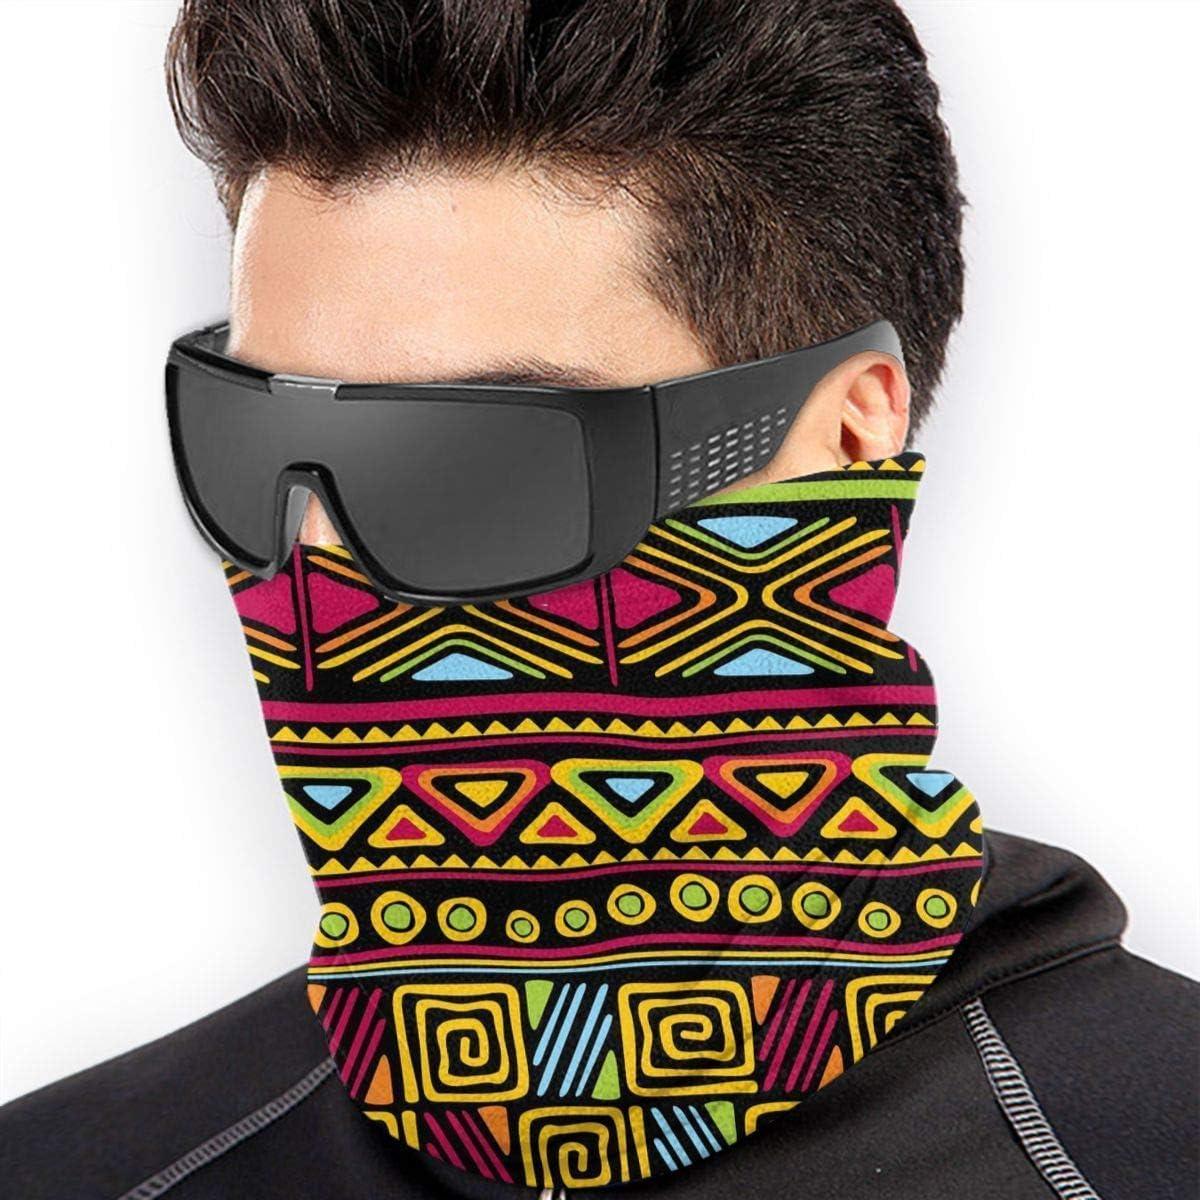 Aztec Pattern Microfiber Neck Warmer Balaclavas Soft Fleece Headwear Face Scarf Mask for Winter